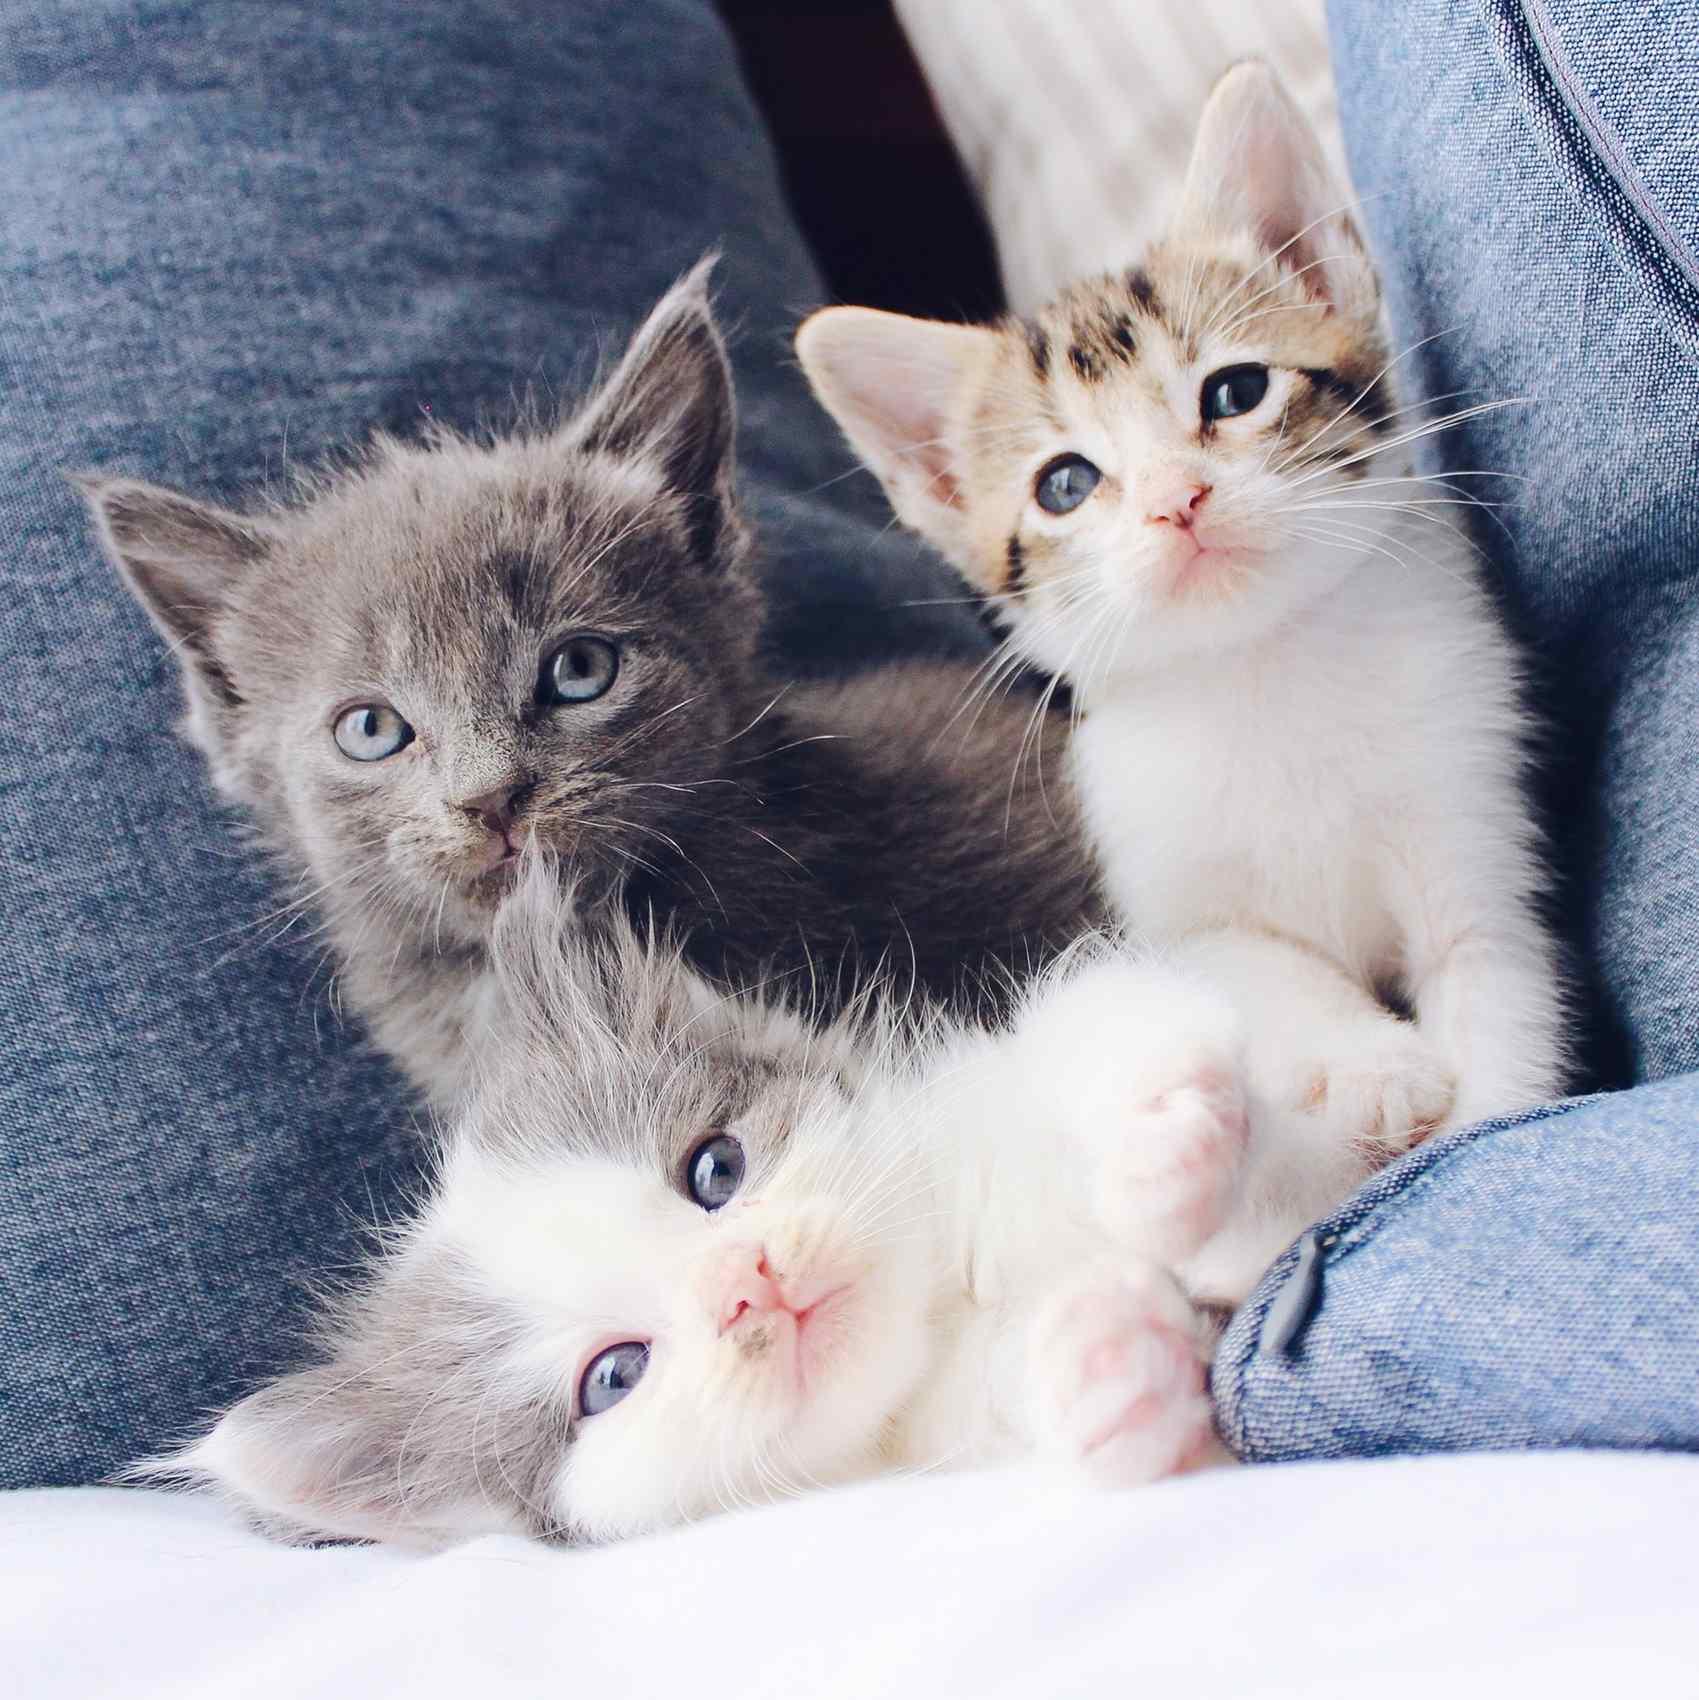 Gatos usados em testes de laboratório